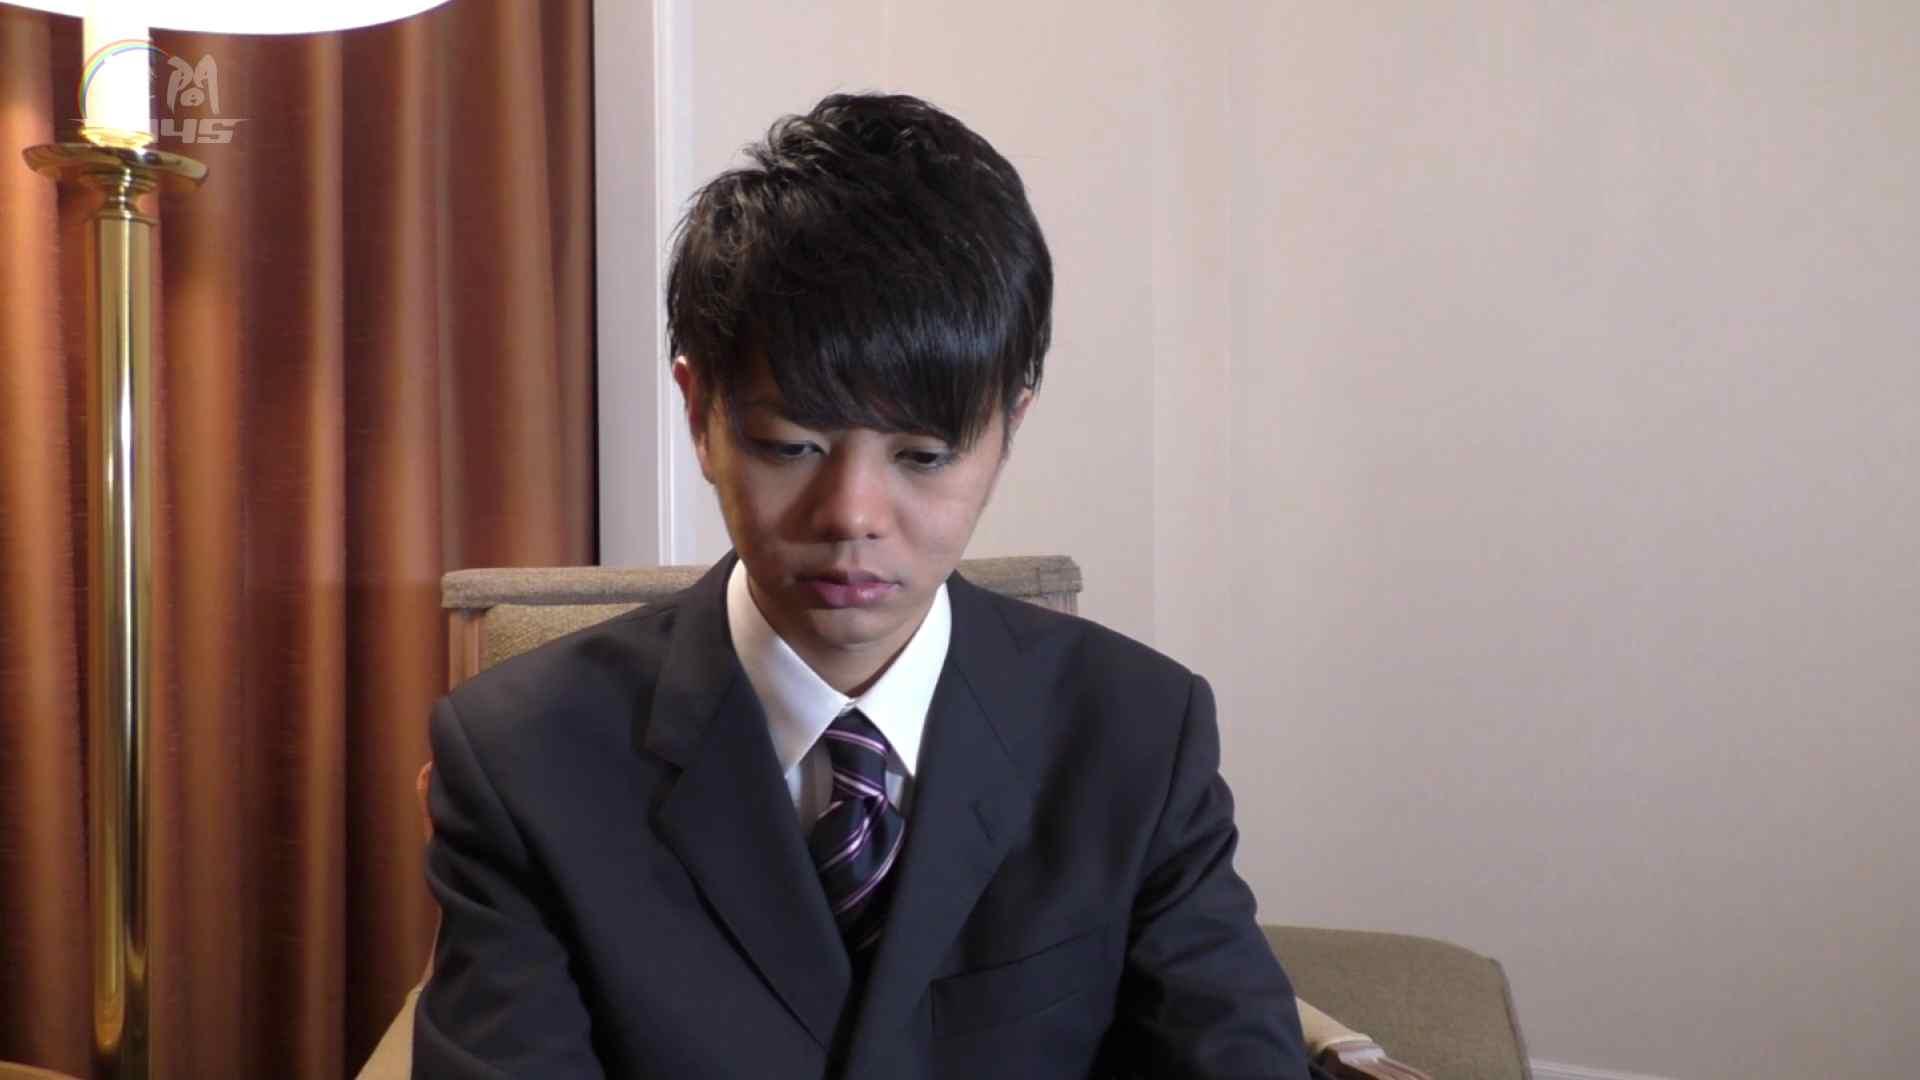 キャバクラの仕事はアナルから6  ~アナルの囁き~Vol.03 手コキ ゲイアダルト画像 65pic 17